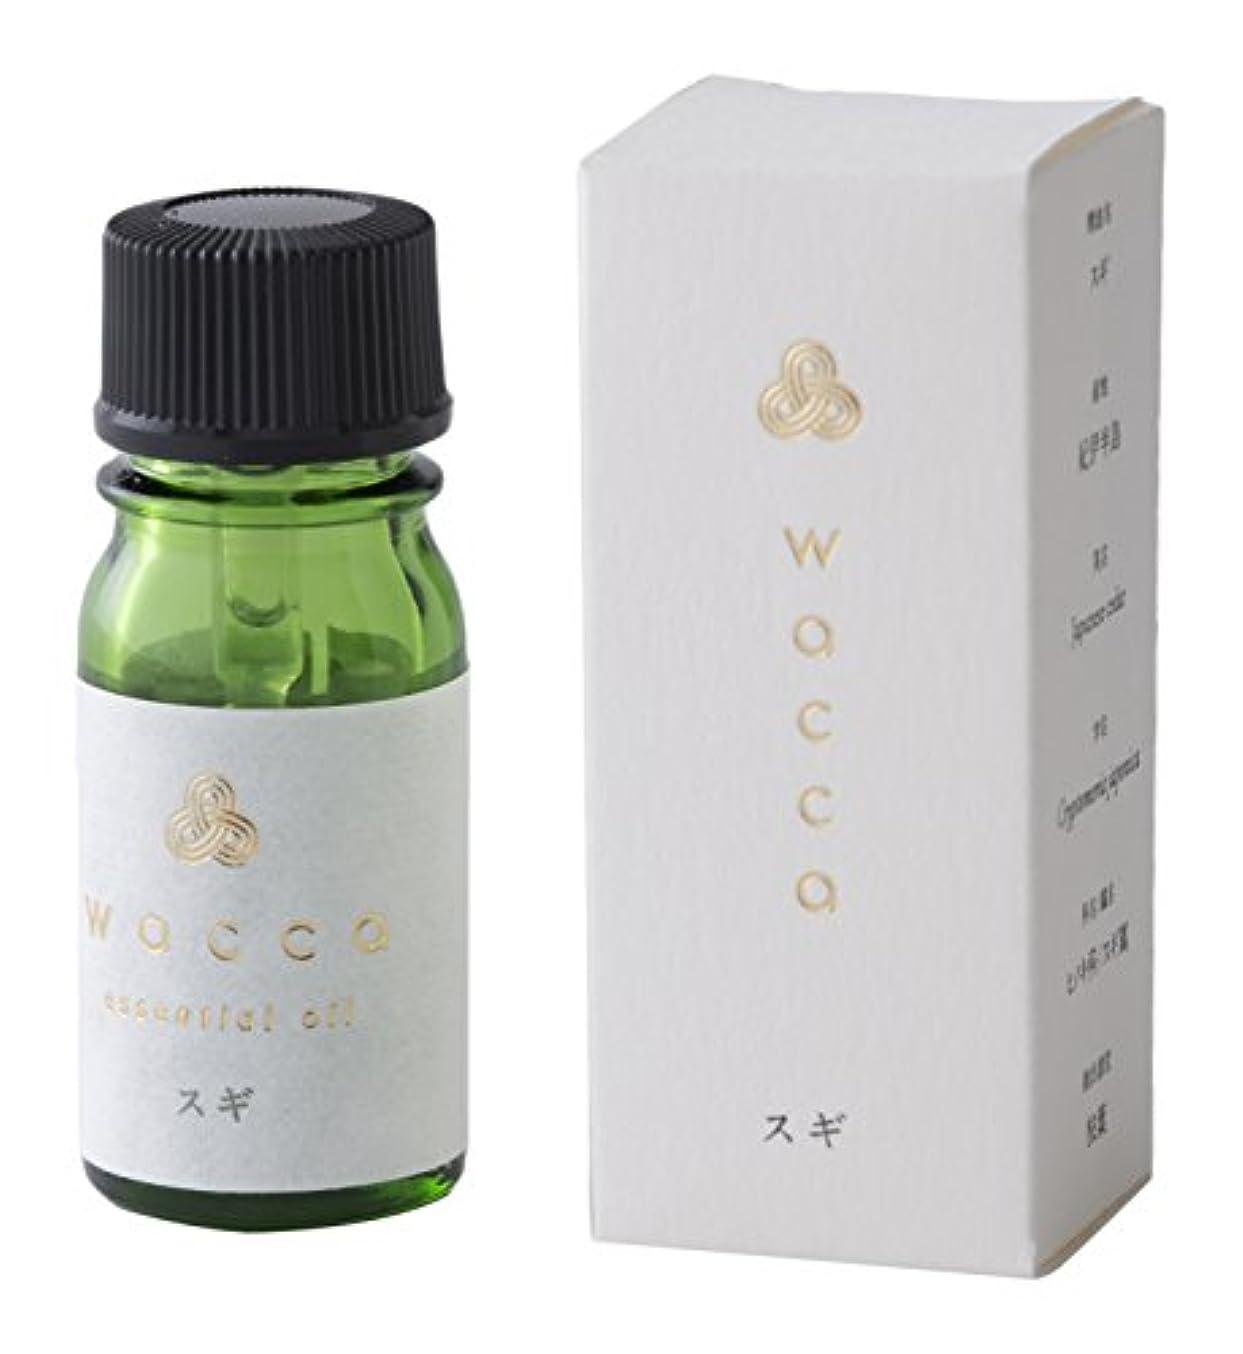 松比較的バレーボールwacca ワッカ エッセンシャルオイル 5ml 杉 スギ Japanese cedar essential oil 和精油 KUSU HANDMADE